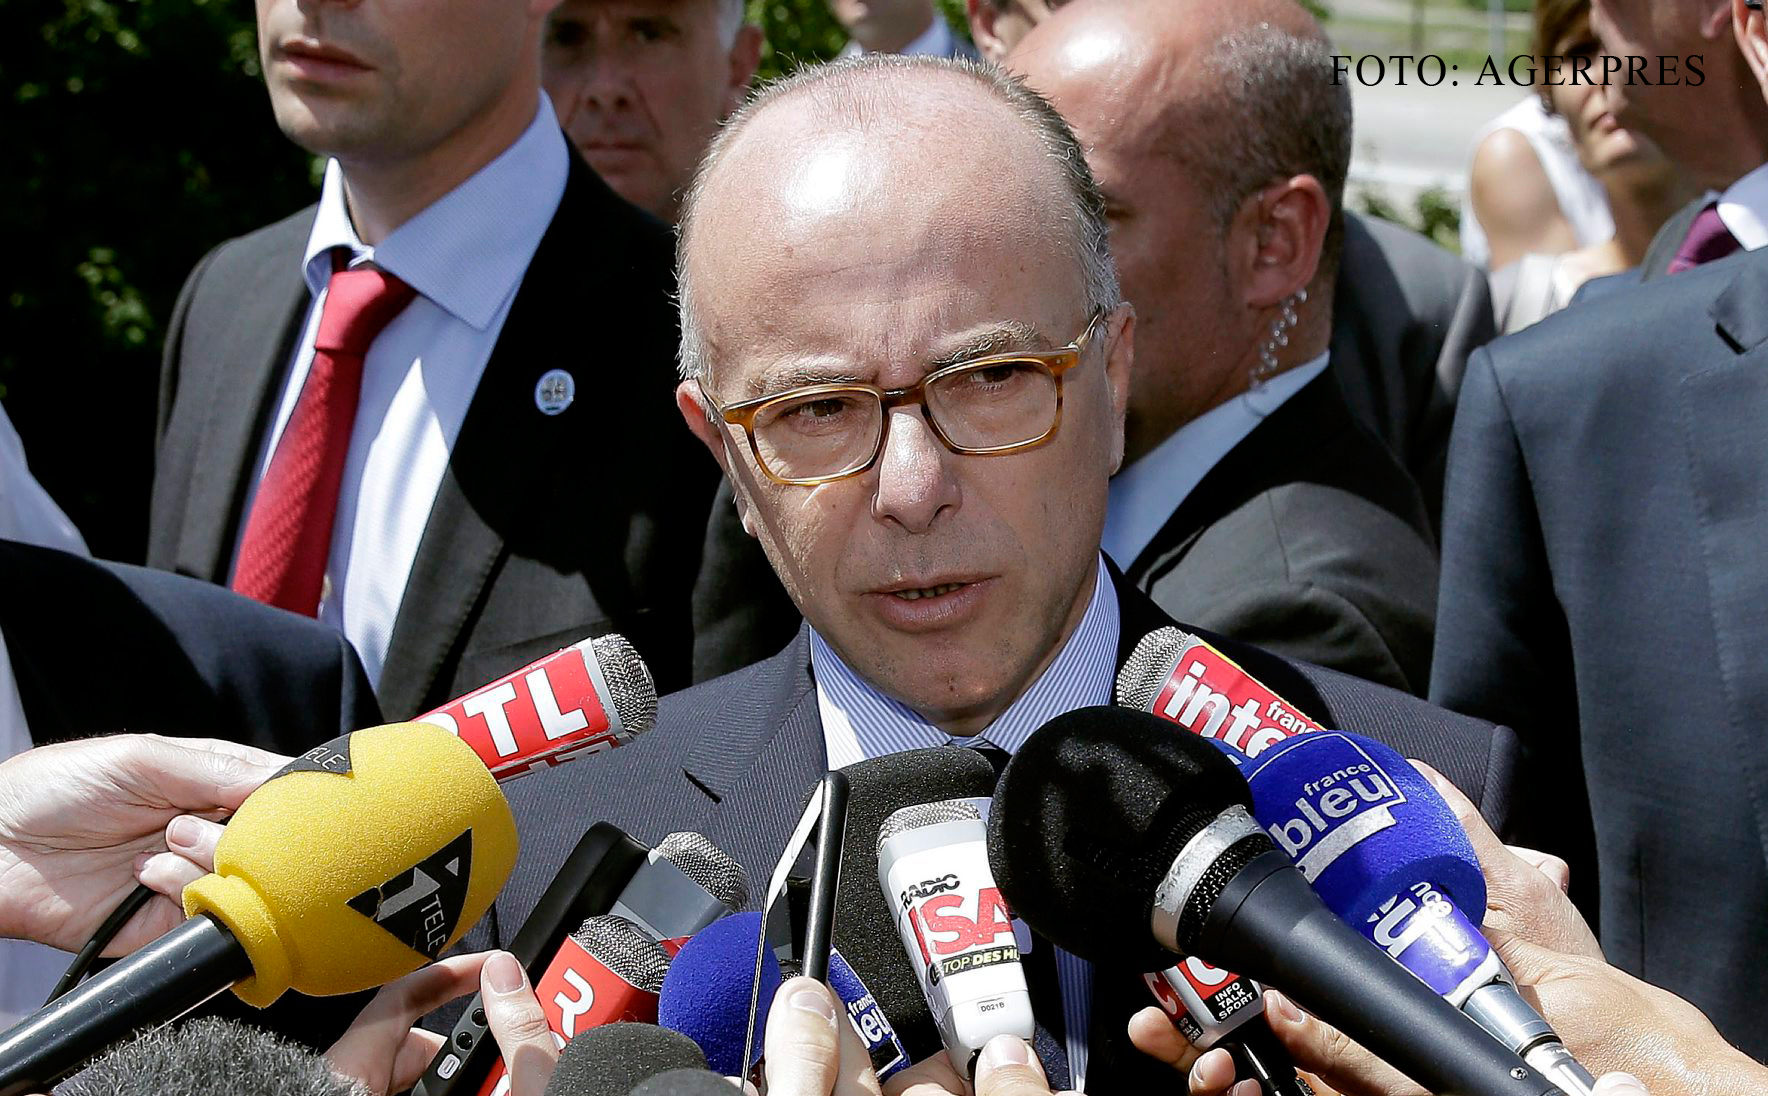 Cine este noul prim-ministru al Frantei, dupa ce Manuel Valls si-a dat demisia pentru a candida la presedintie